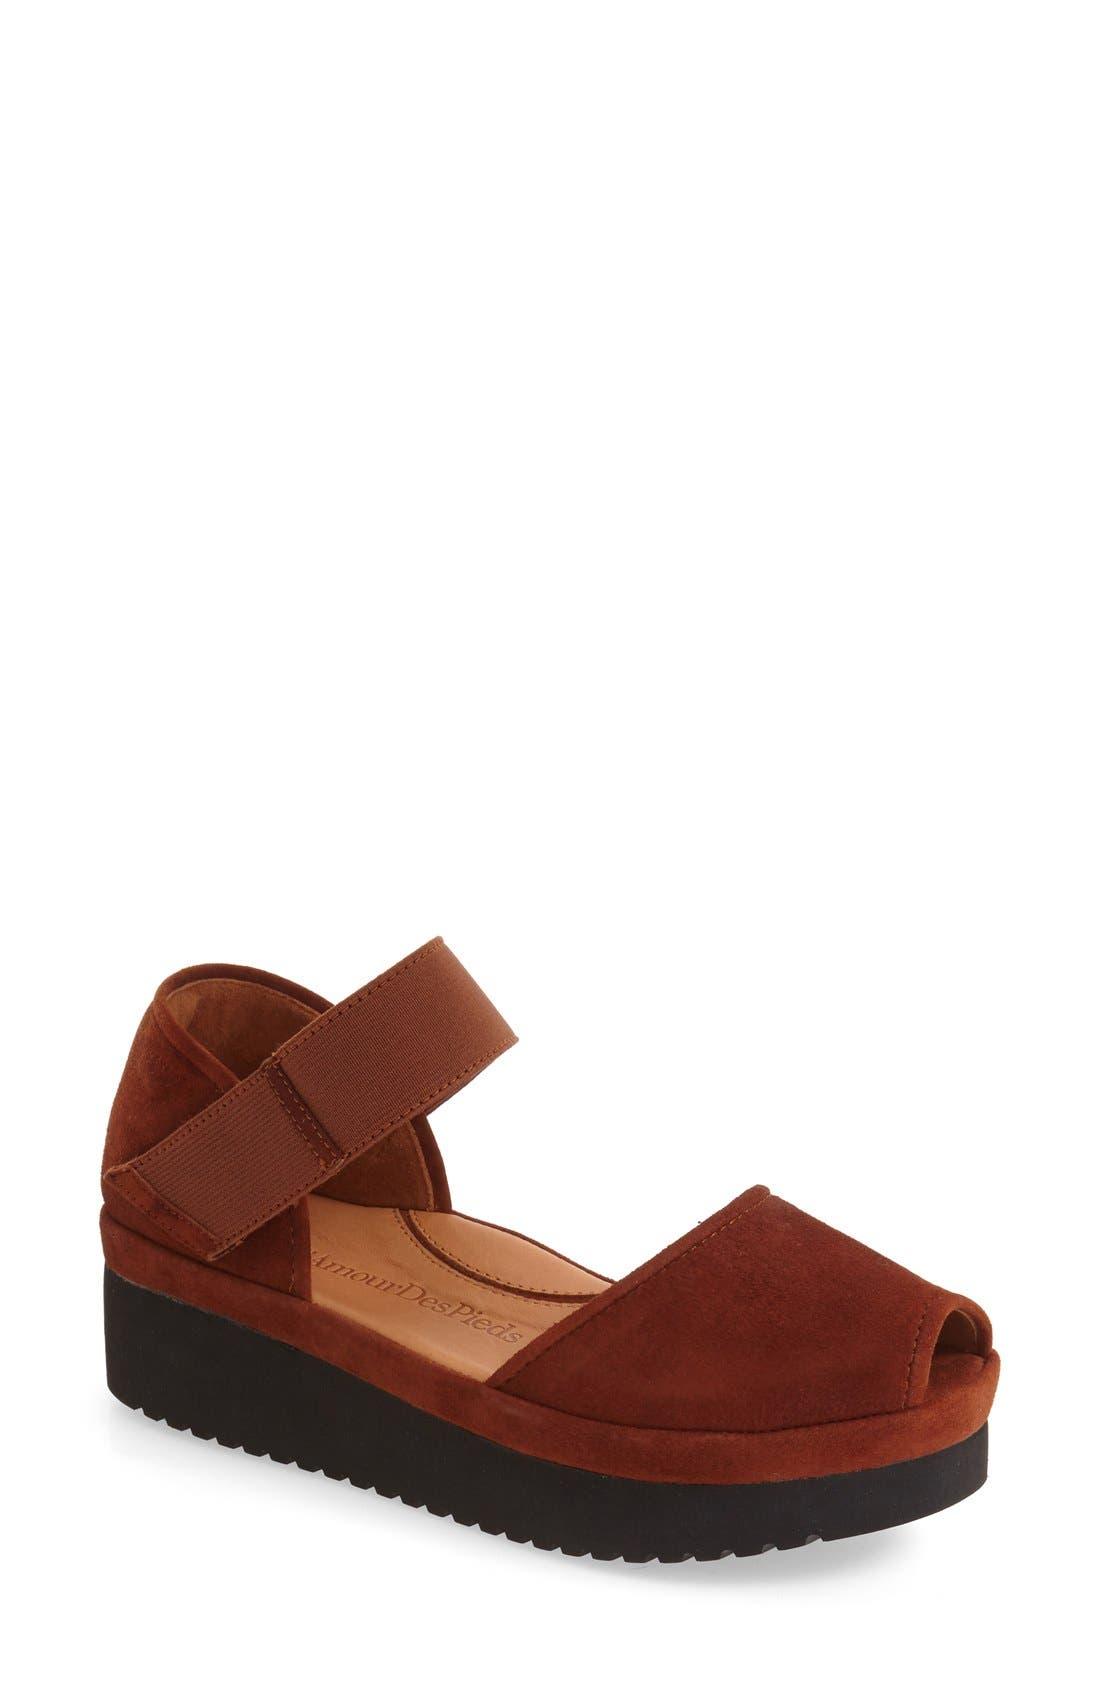 Main Image - L'Amour des Pieds 'Amadour' Platform Sandal (Women)